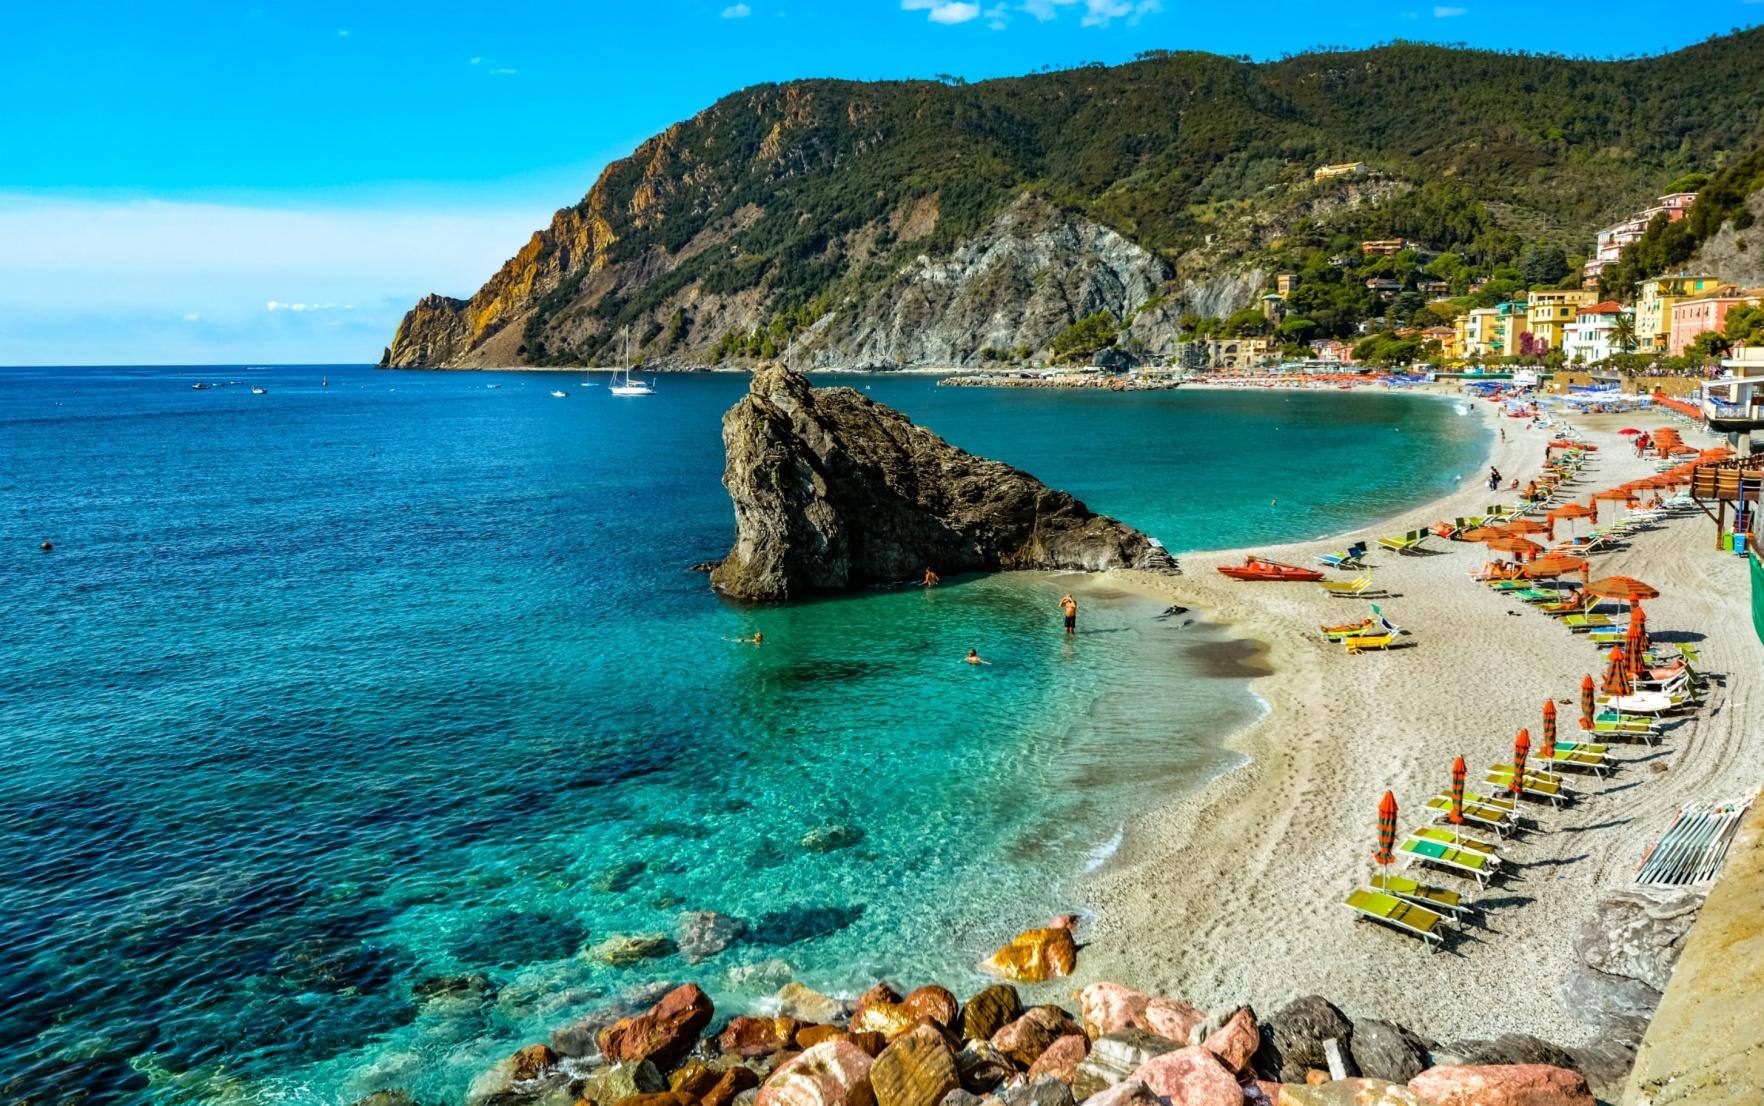 Italian Beach, Monterosso, Cinque Terre